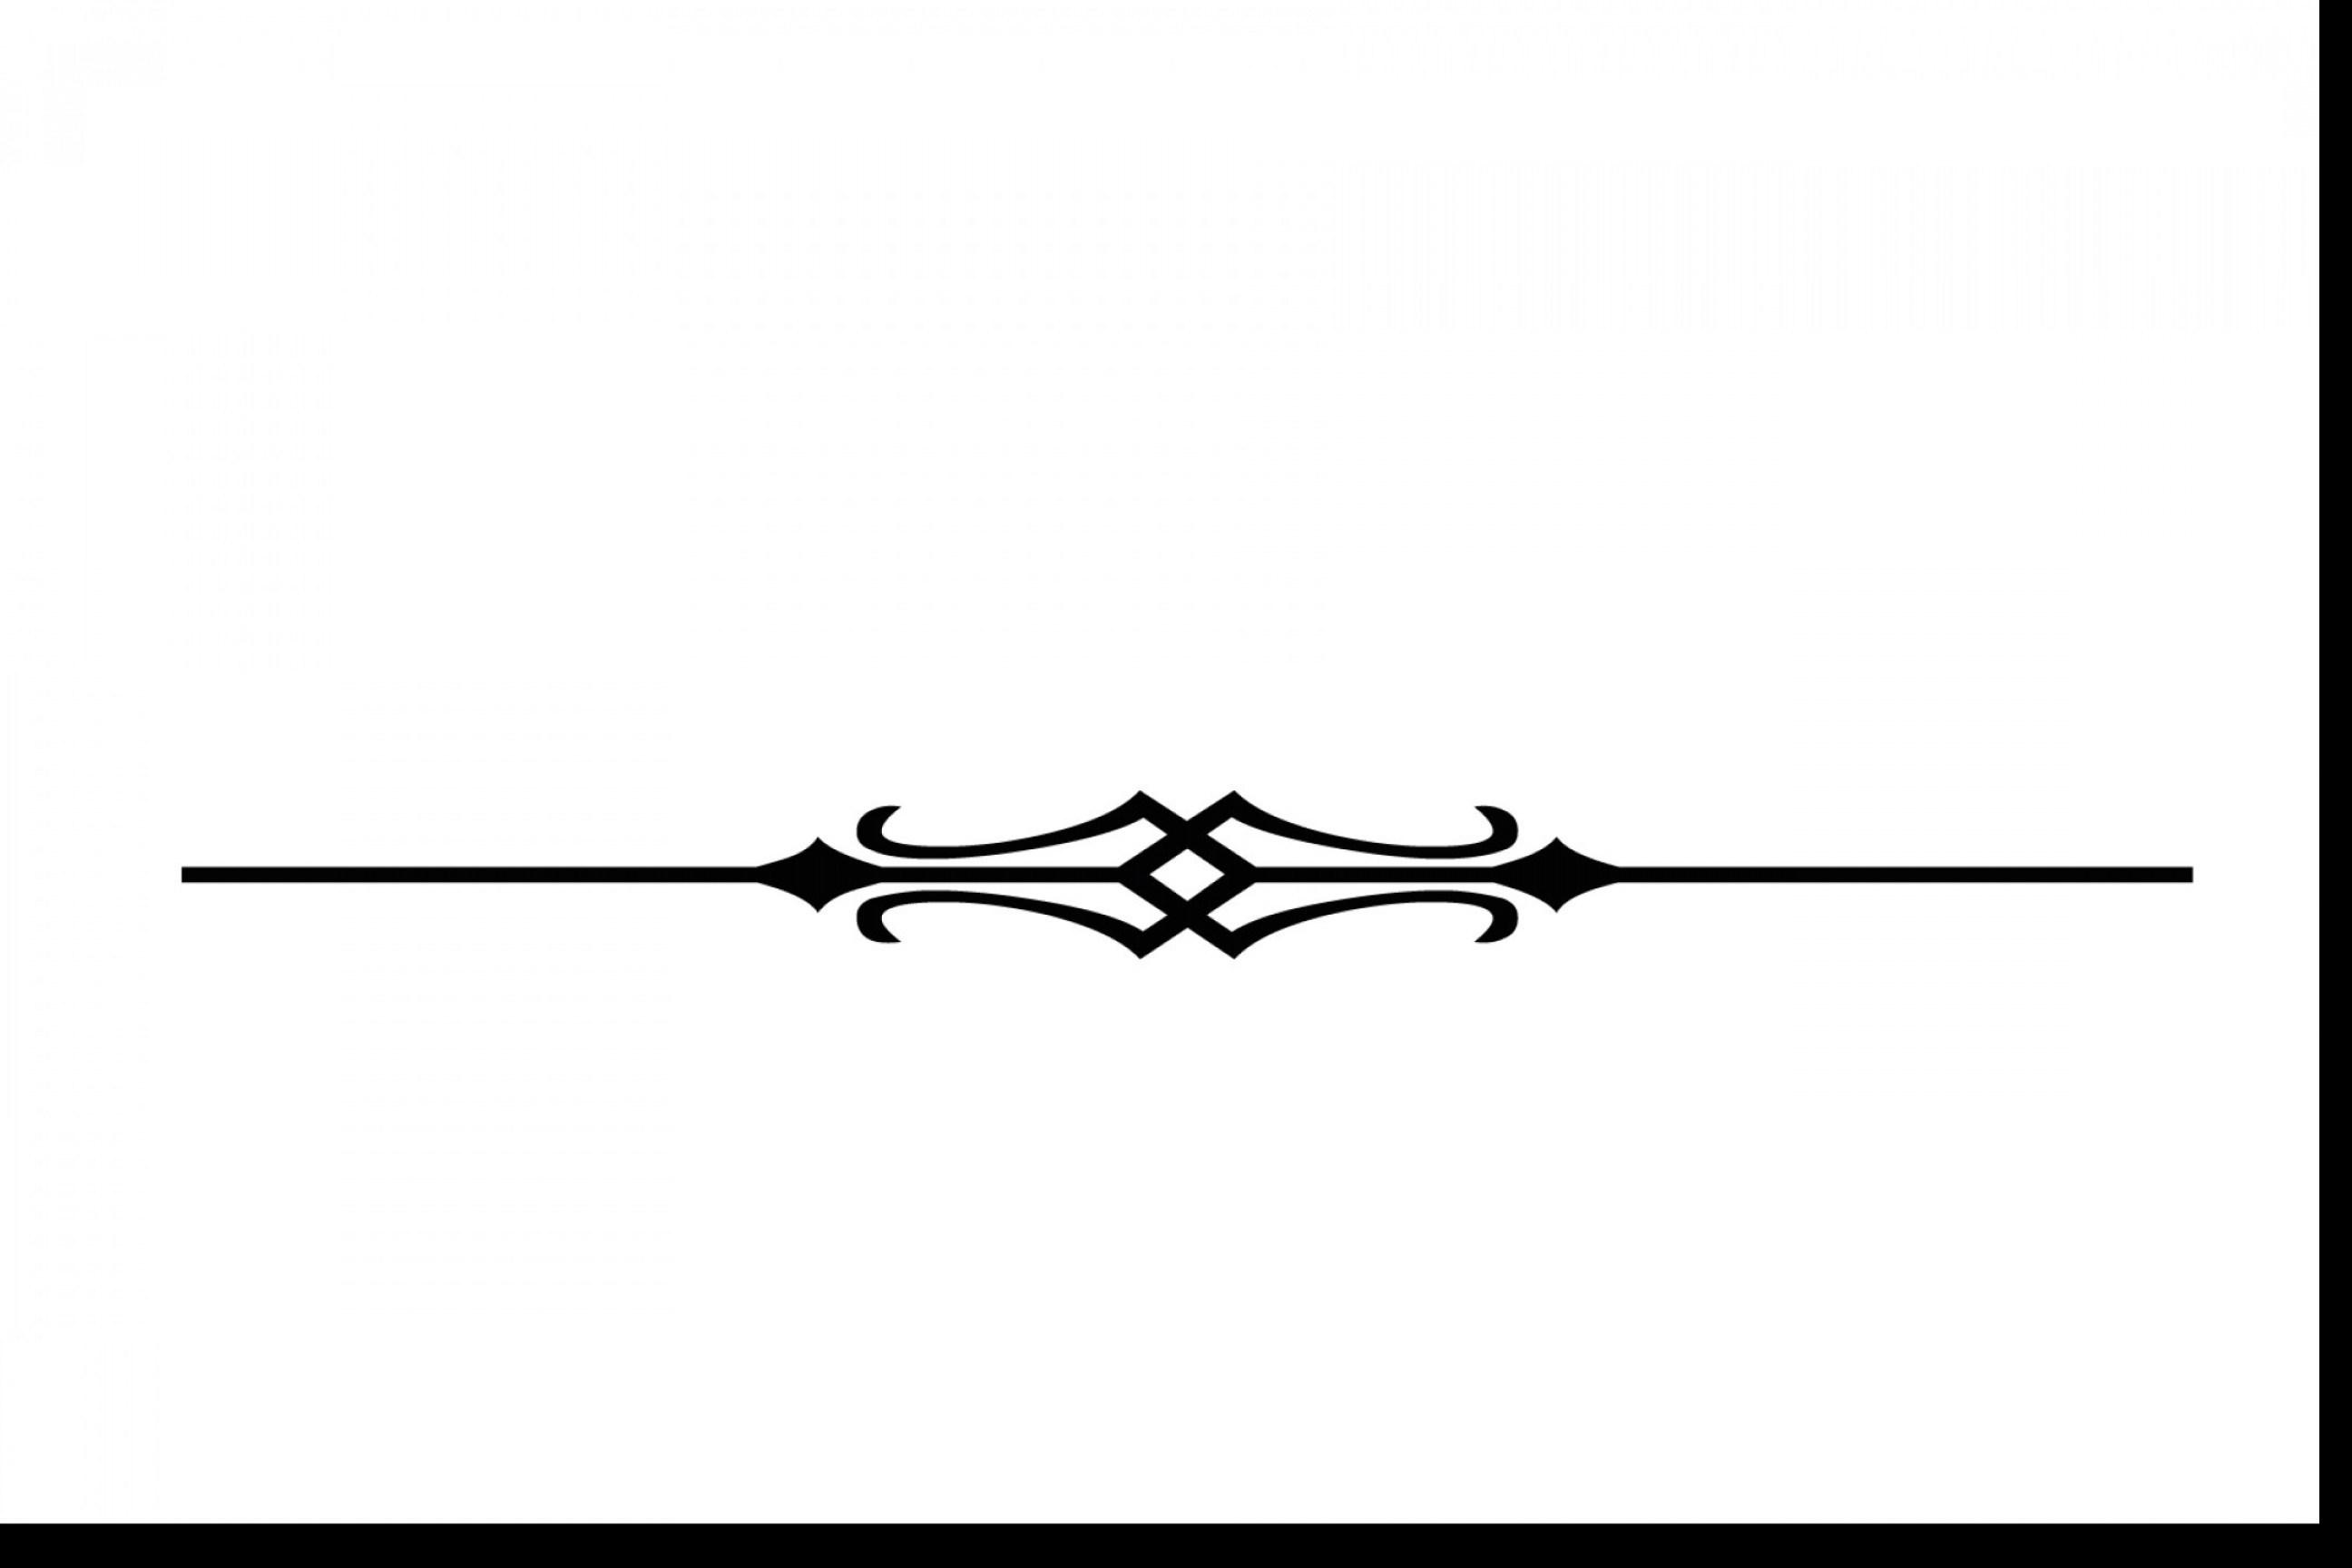 Decorative arrow clipart 3 » Clipart Portal.